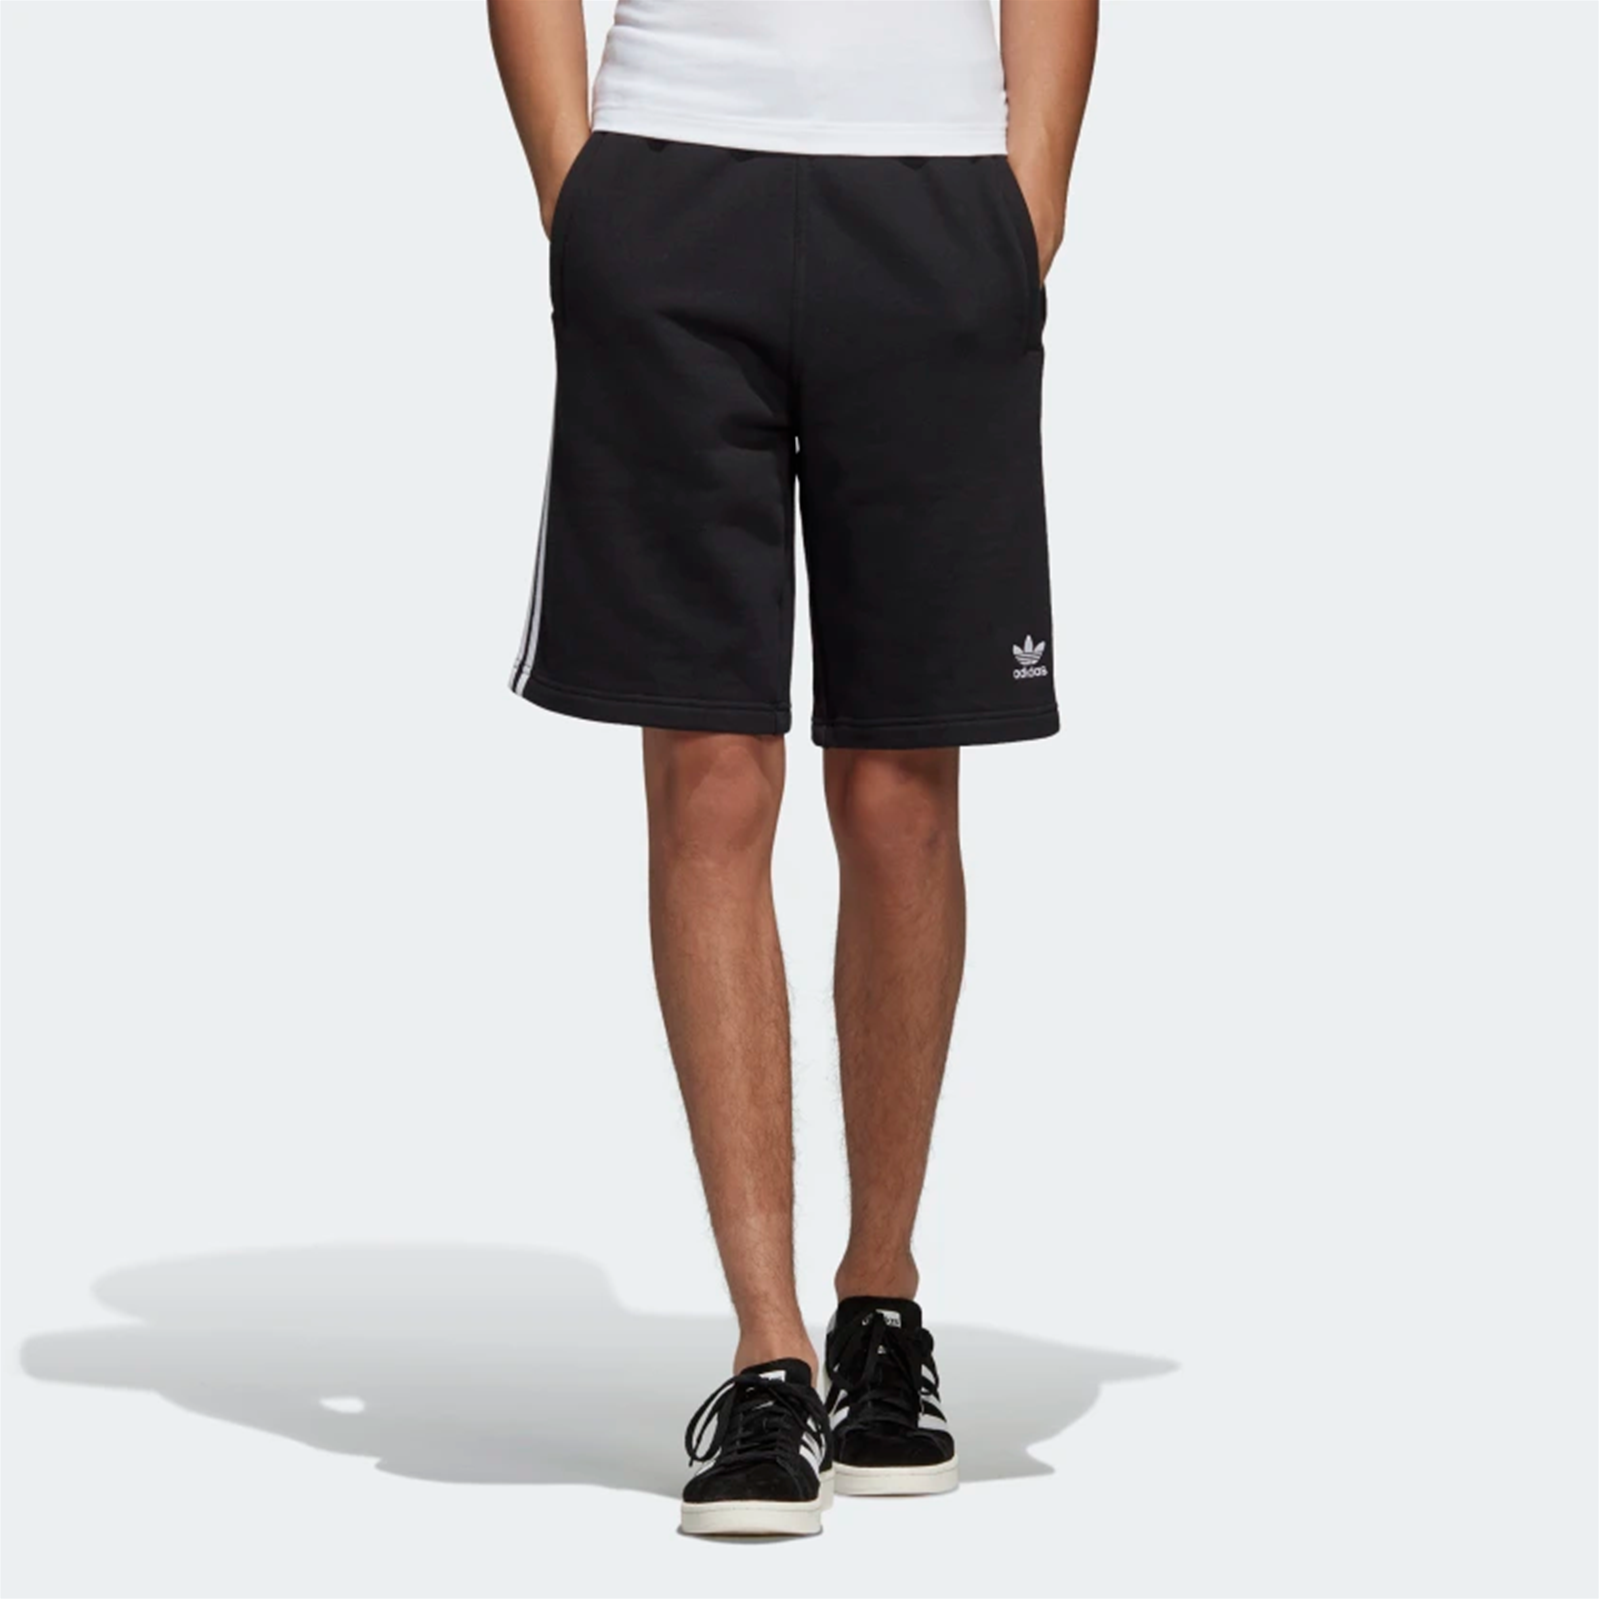 l'ultimo 9471c 50a08 Dettagli su Short pantaloncini Adidas 3 Stripe Short DH5798 uomo colore  nero listino € 40,00